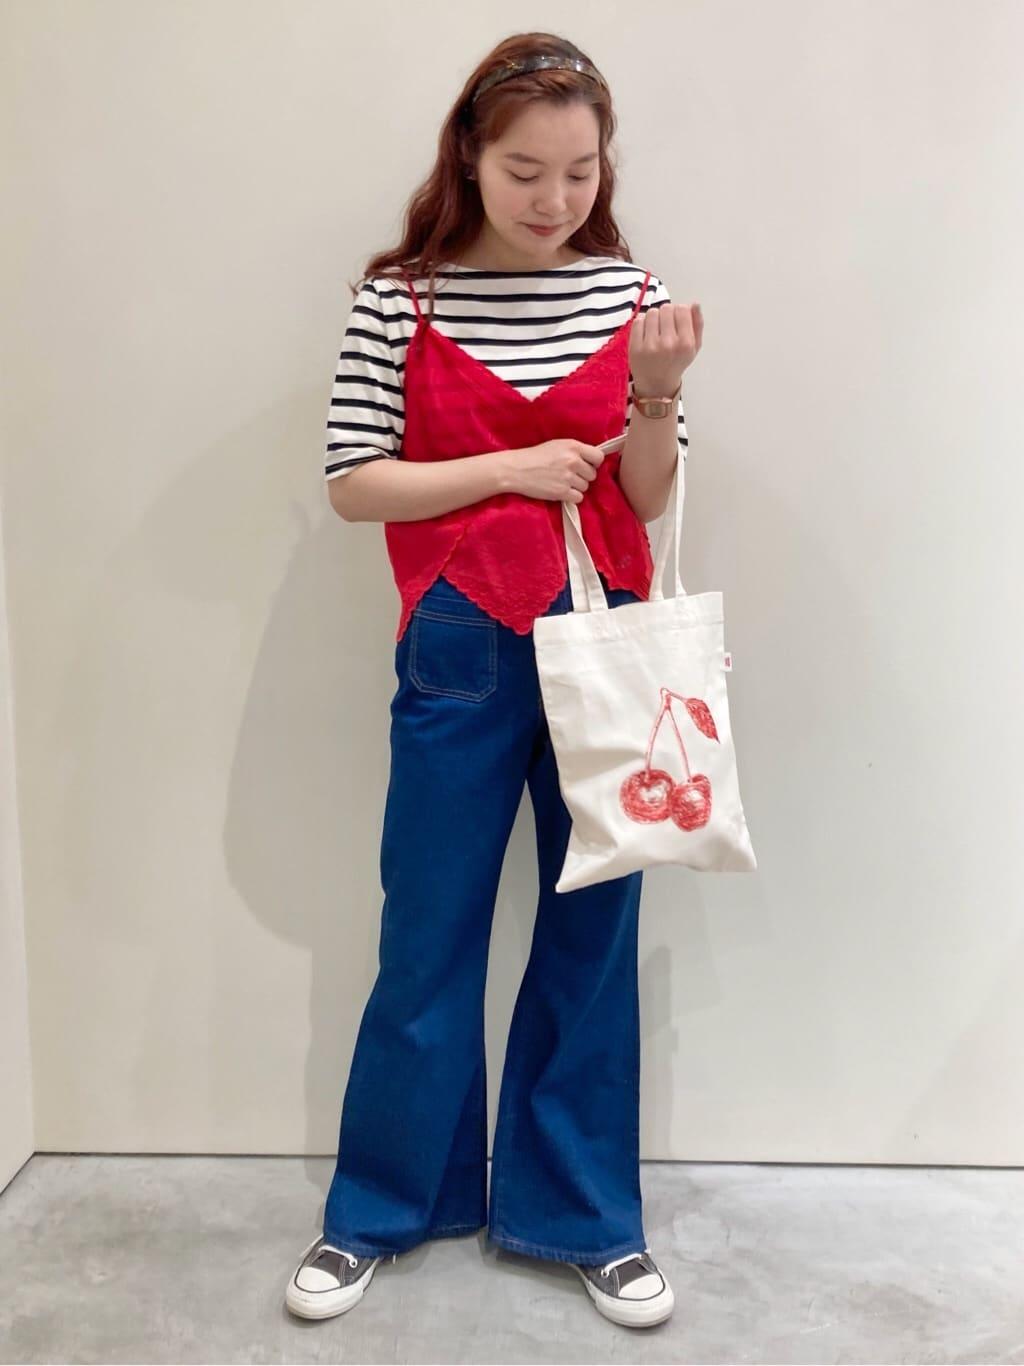 CHILD WOMAN , PAR ICI 新宿ミロード 2021.07.09